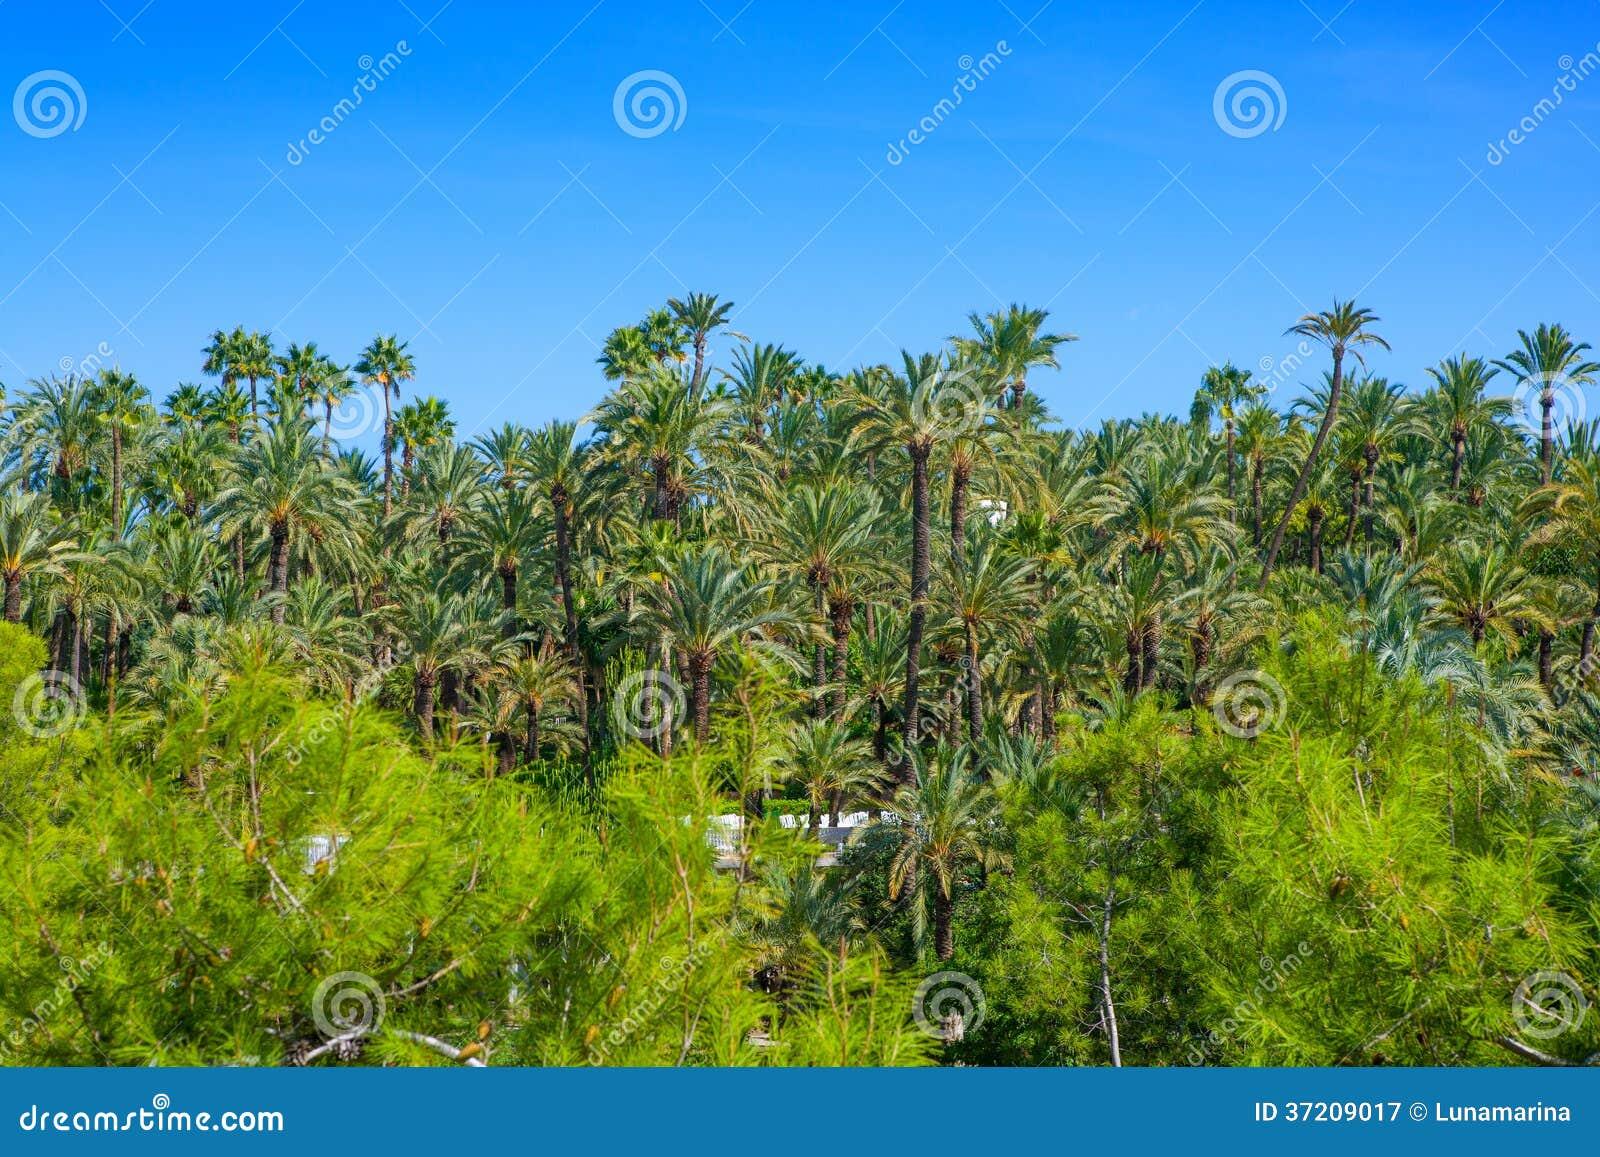 EL Palmeral d Elche Elx Alicante avec beaucoup de palmiers